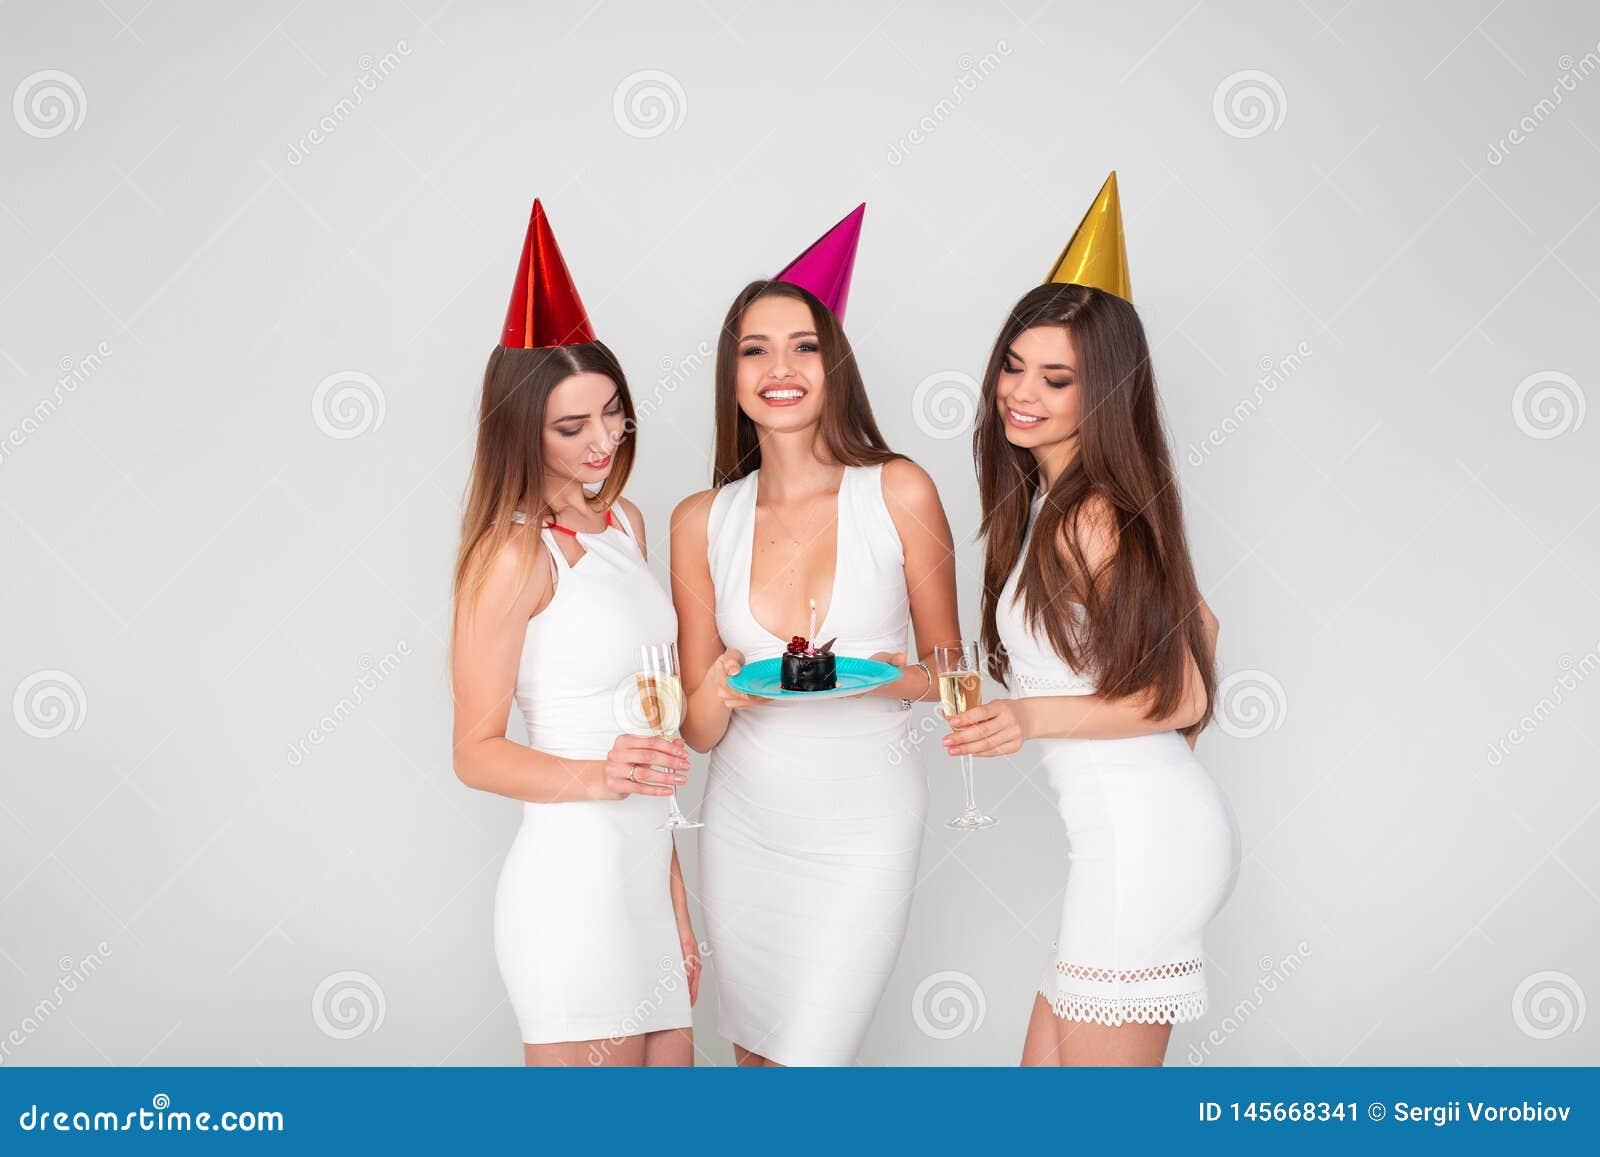 三名美丽的端庄的妇女庆祝节日晚会,获得与蛋糕的乐趣和喝鸡尾酒和香槟